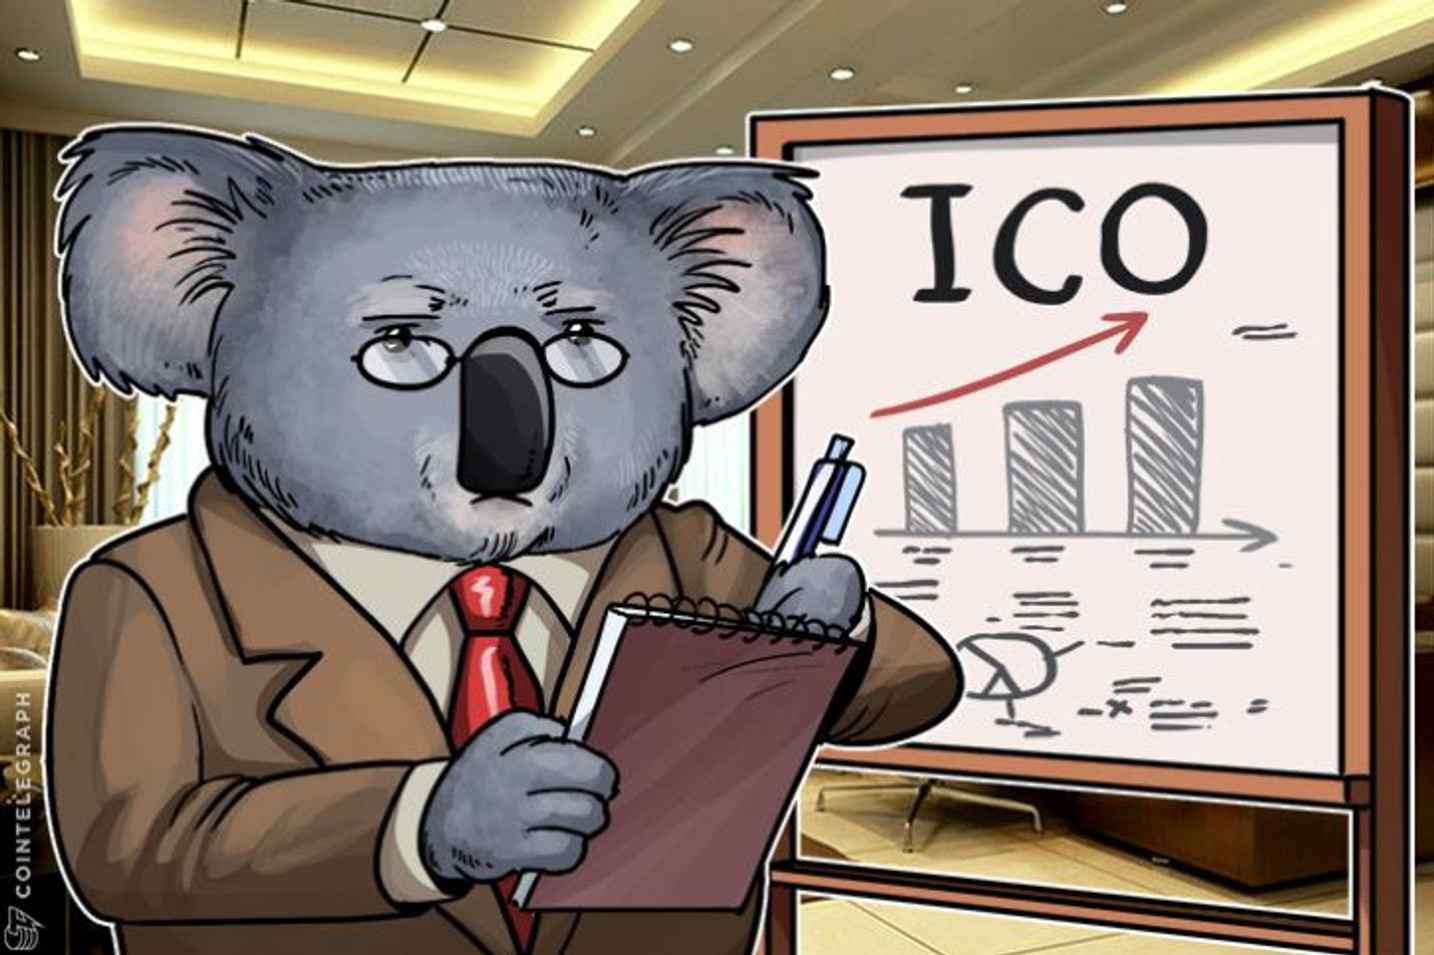 オーストラリア証券投資委員会がICOに関する正式なガイダンスを発行